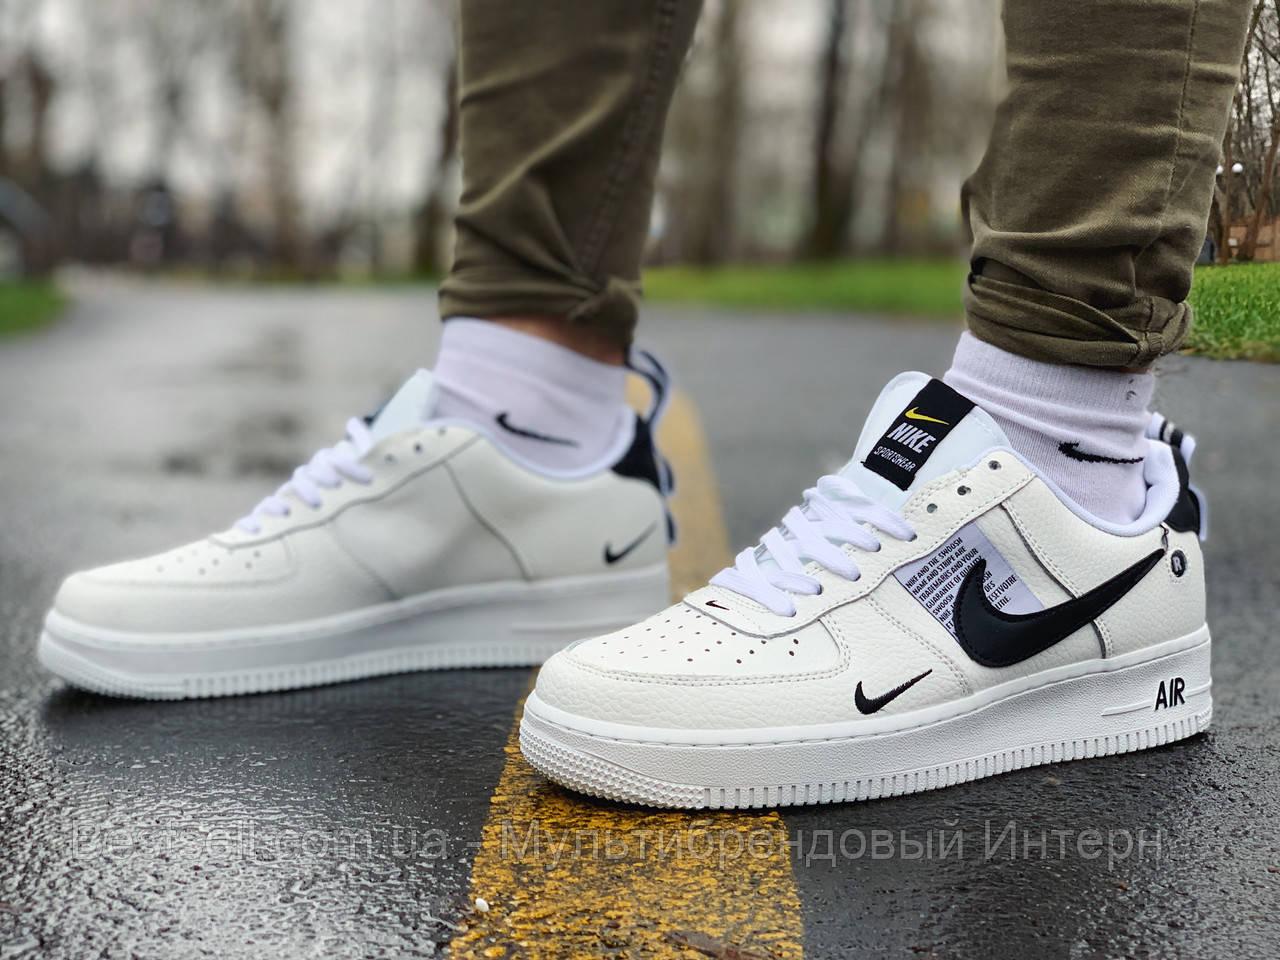 Кросівки Nike Air Force Найк Аір Форс (41,42,43,44,45)